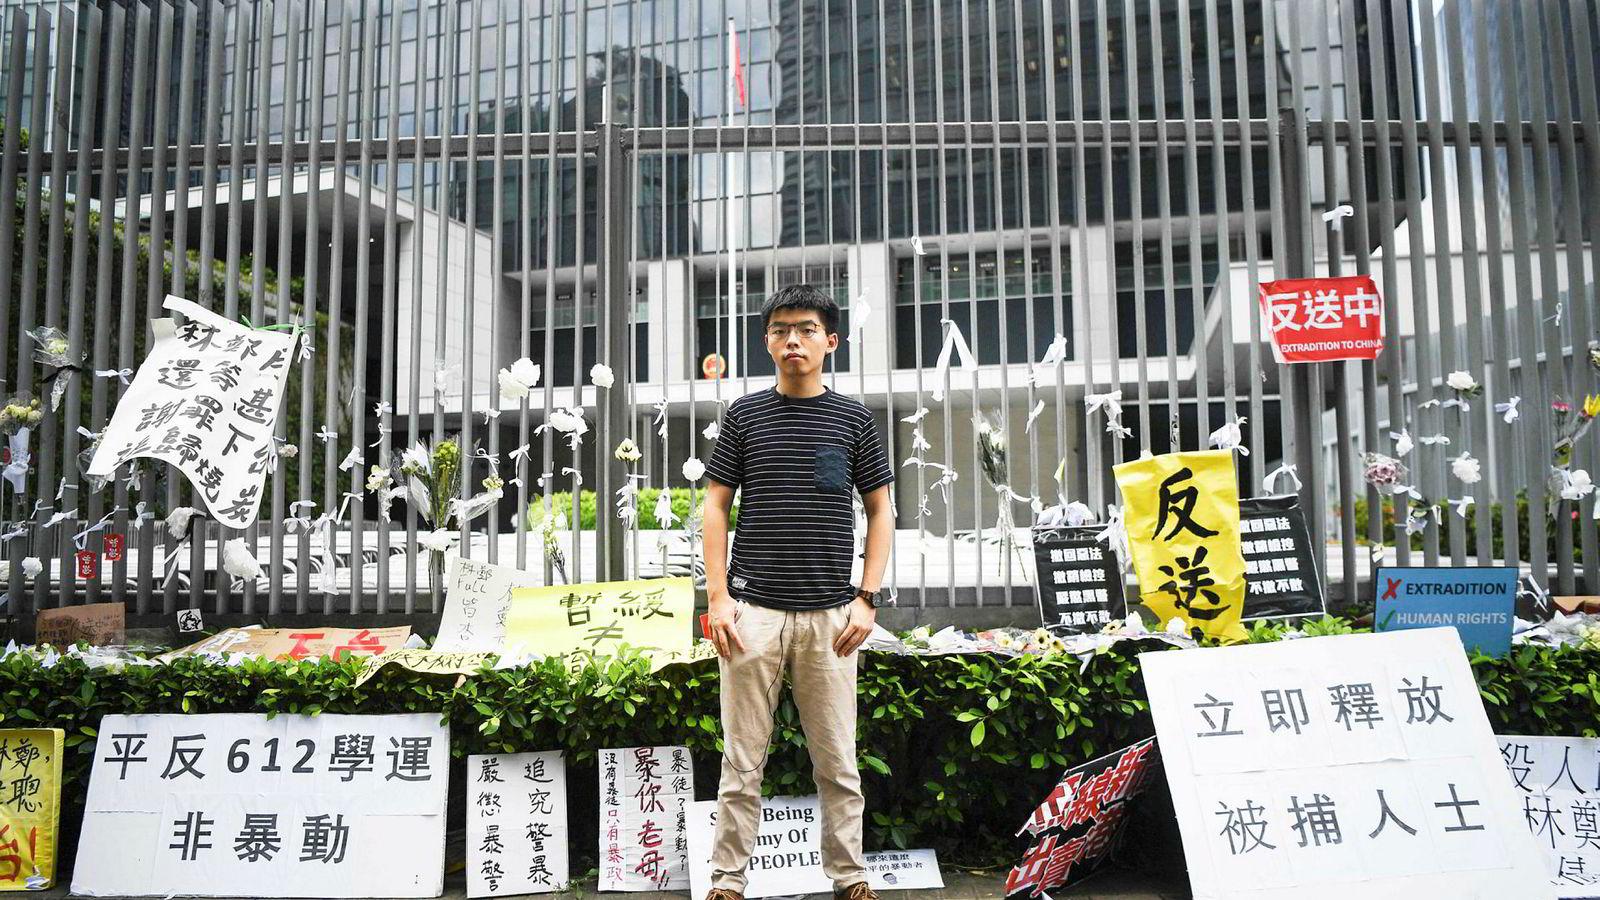 En kamplysten Joshua Wong (22) fra Hongkong vil ikke innta en ny lederrolle i de nye massedemonstrasjonene, men har fortsatt et stort publikum. Her utenfor regjeringskvartalet i Hongkong.